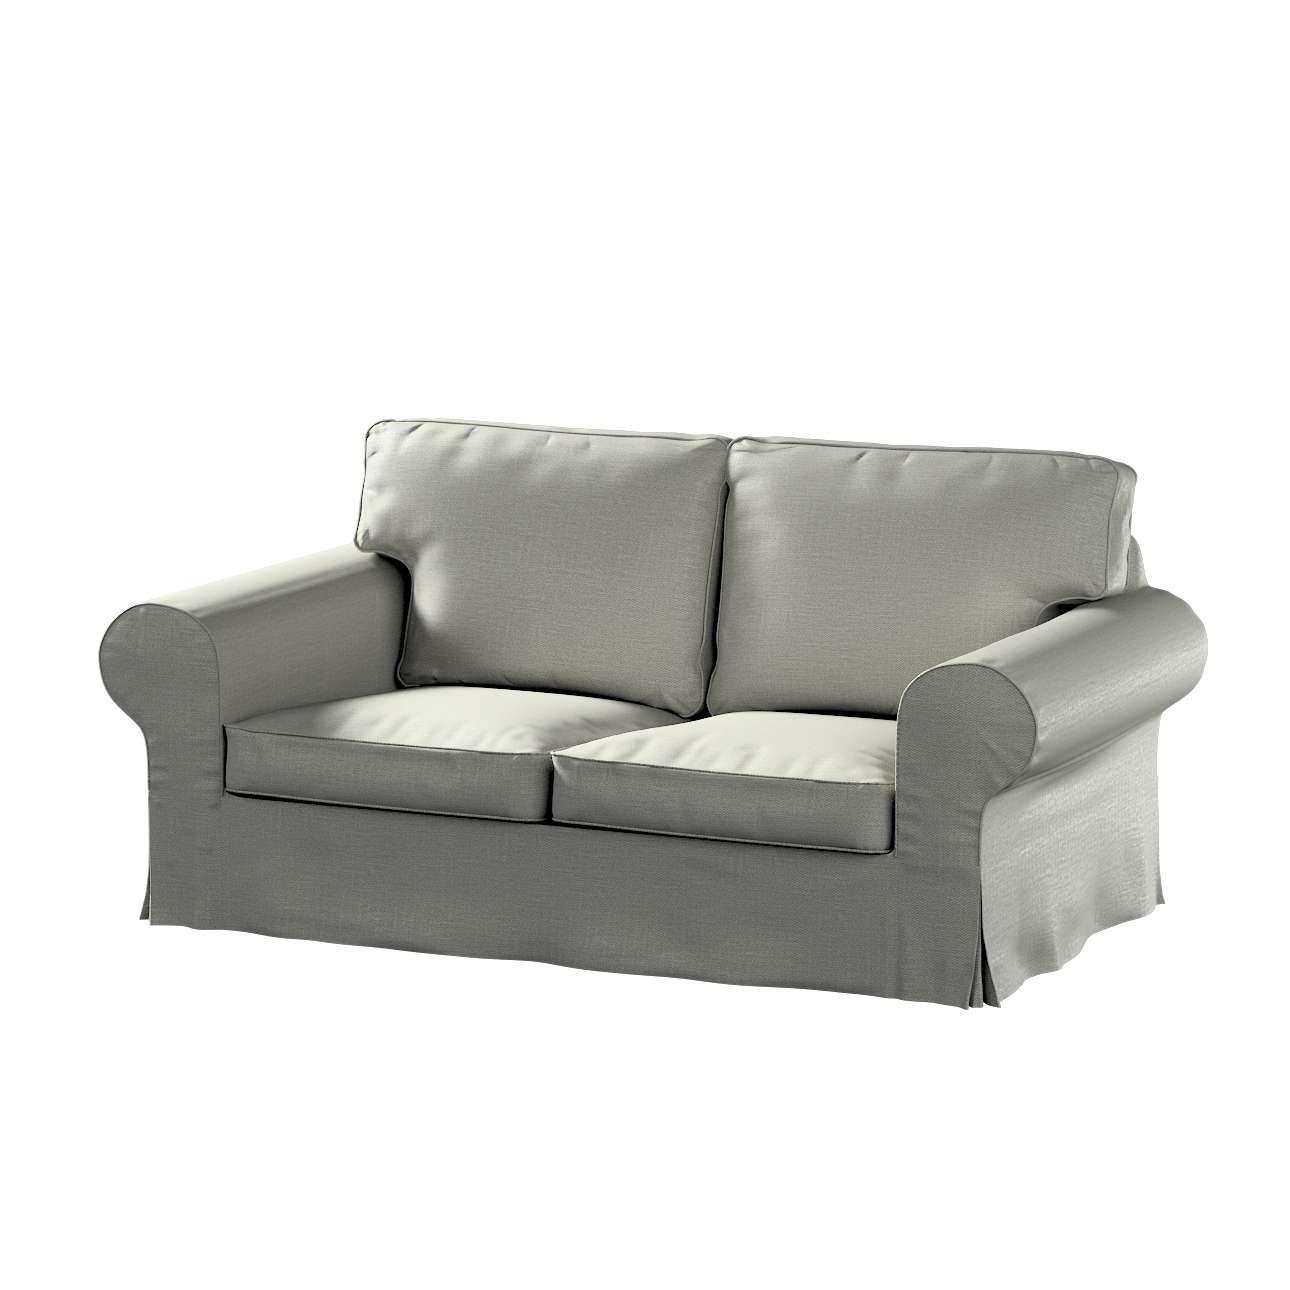 Pokrowiec na sofę Ektorp 2-osobową, rozkładaną, model do 2012 w kolekcji Bergen, tkanina: 161-83